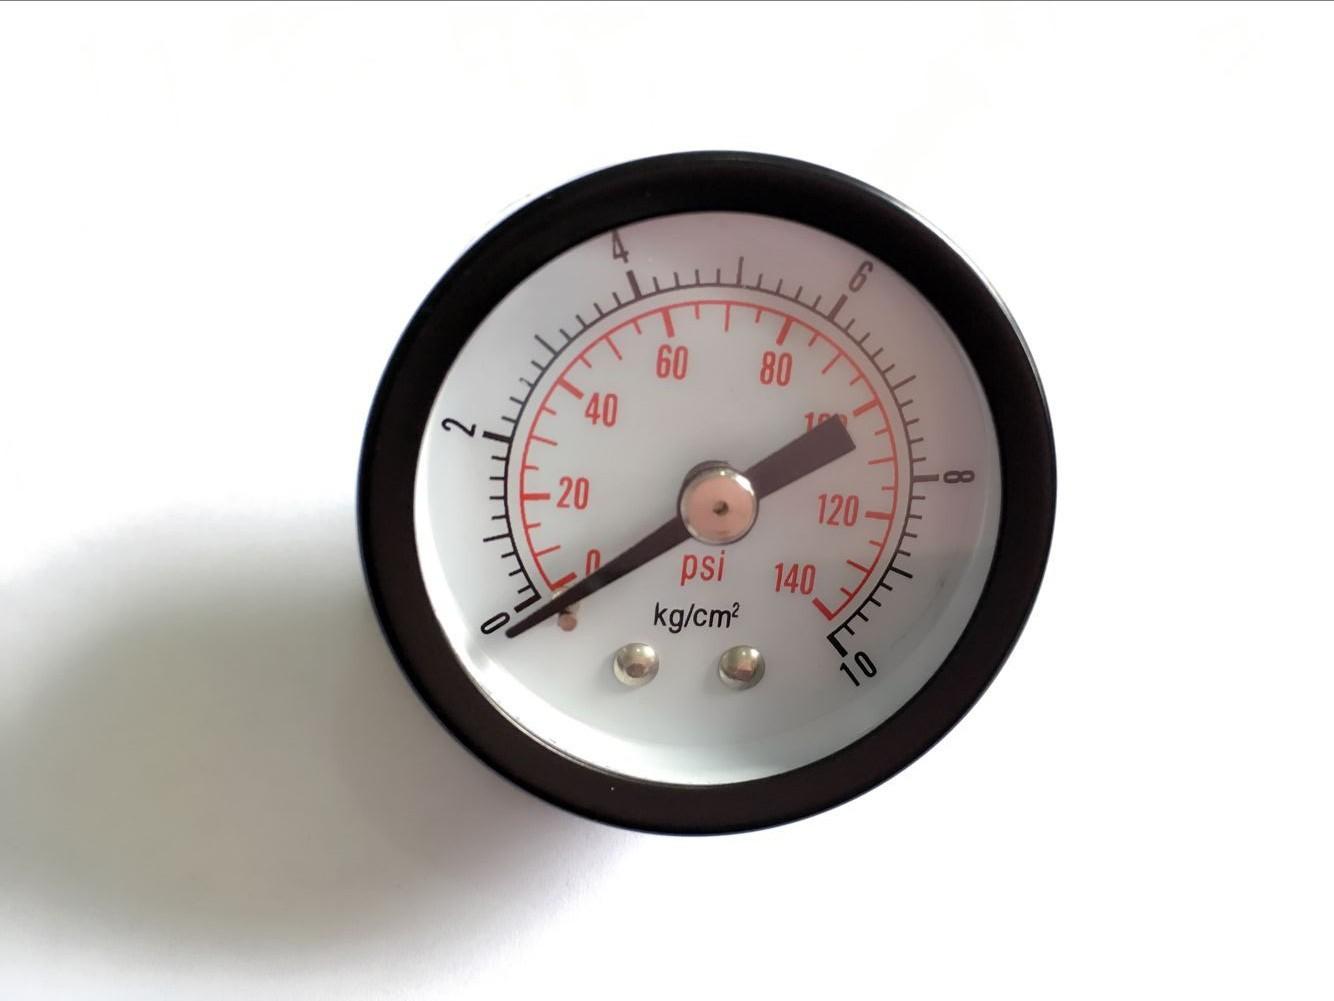 Máy đo áp suất thông thường